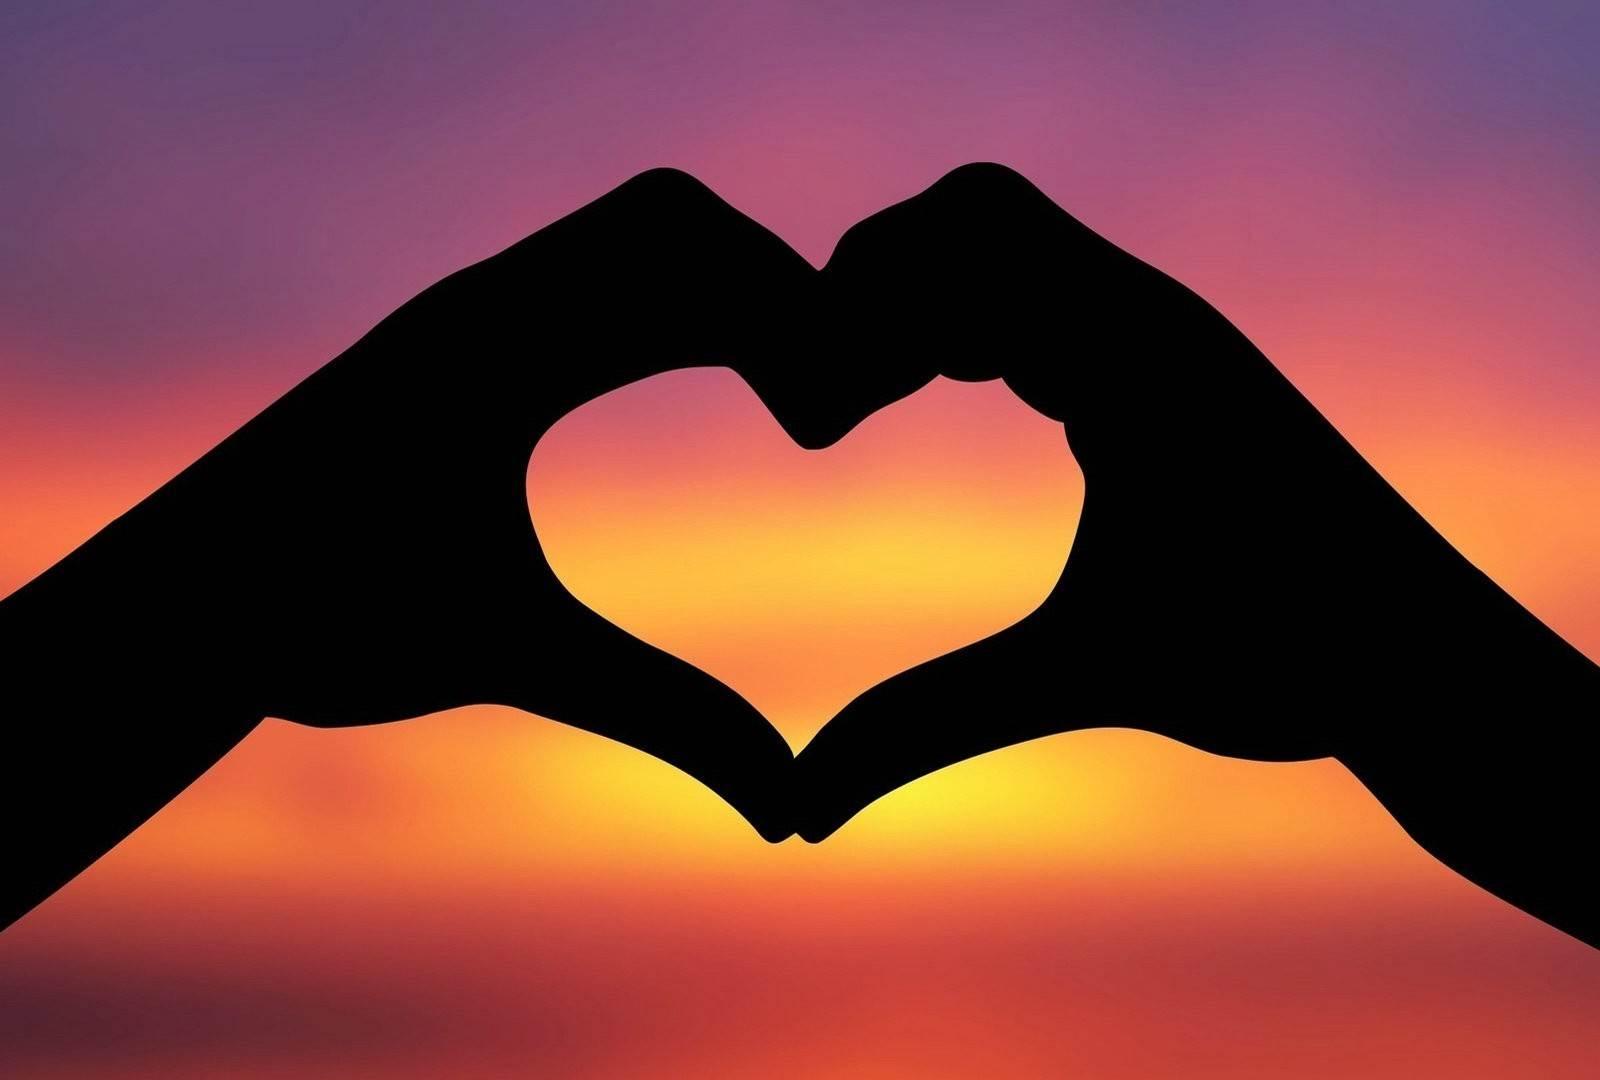 love 01 - Love Photo (41692826) - Fanpop